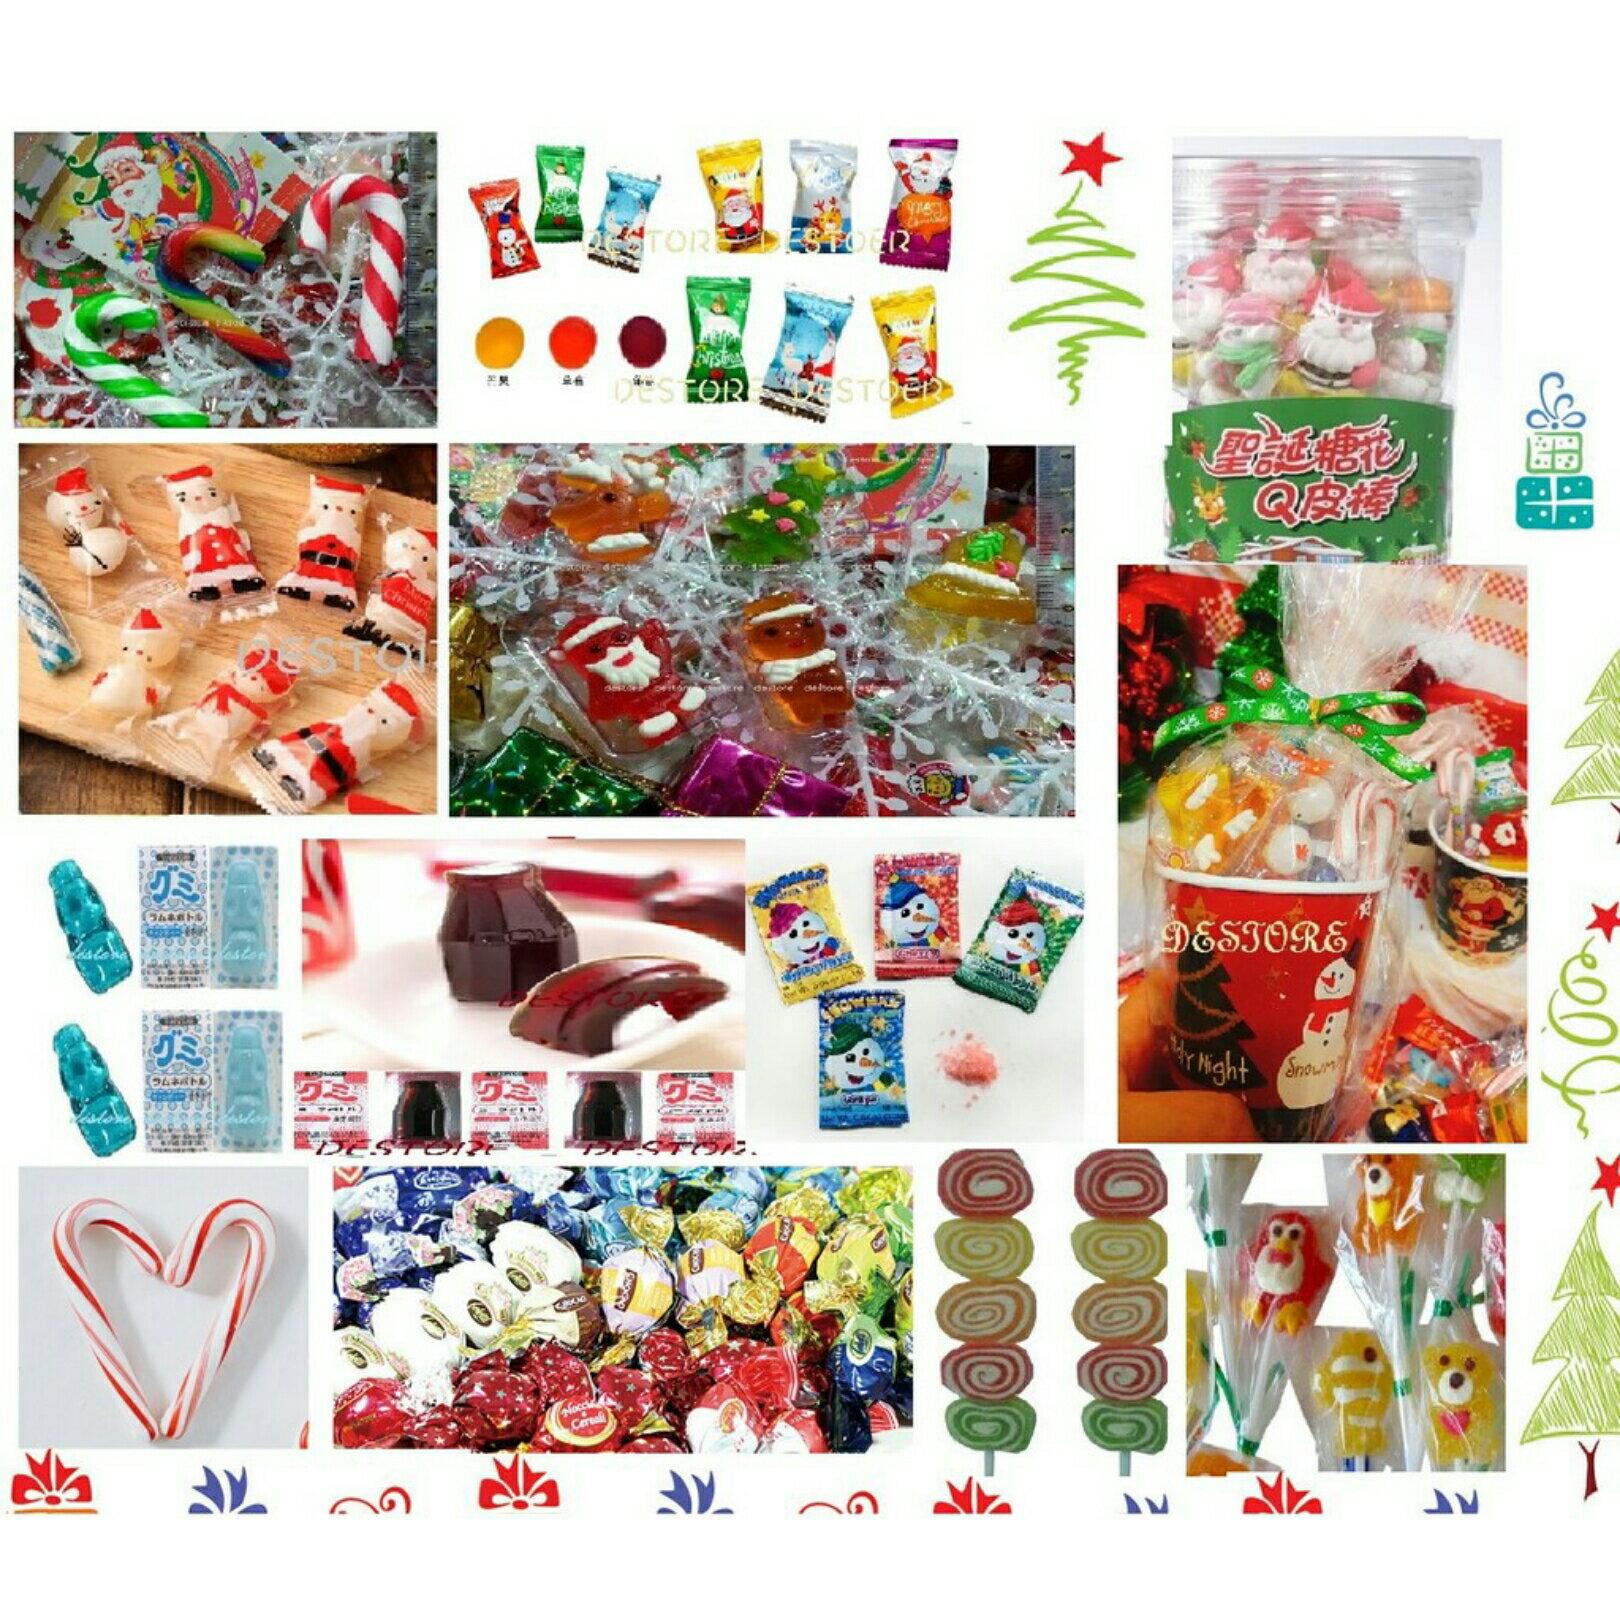 有樂町進口食品 歡慶聖誕節糖果 果維軟糖/拐杖糖/QP軟糖/QP造型糖特價中